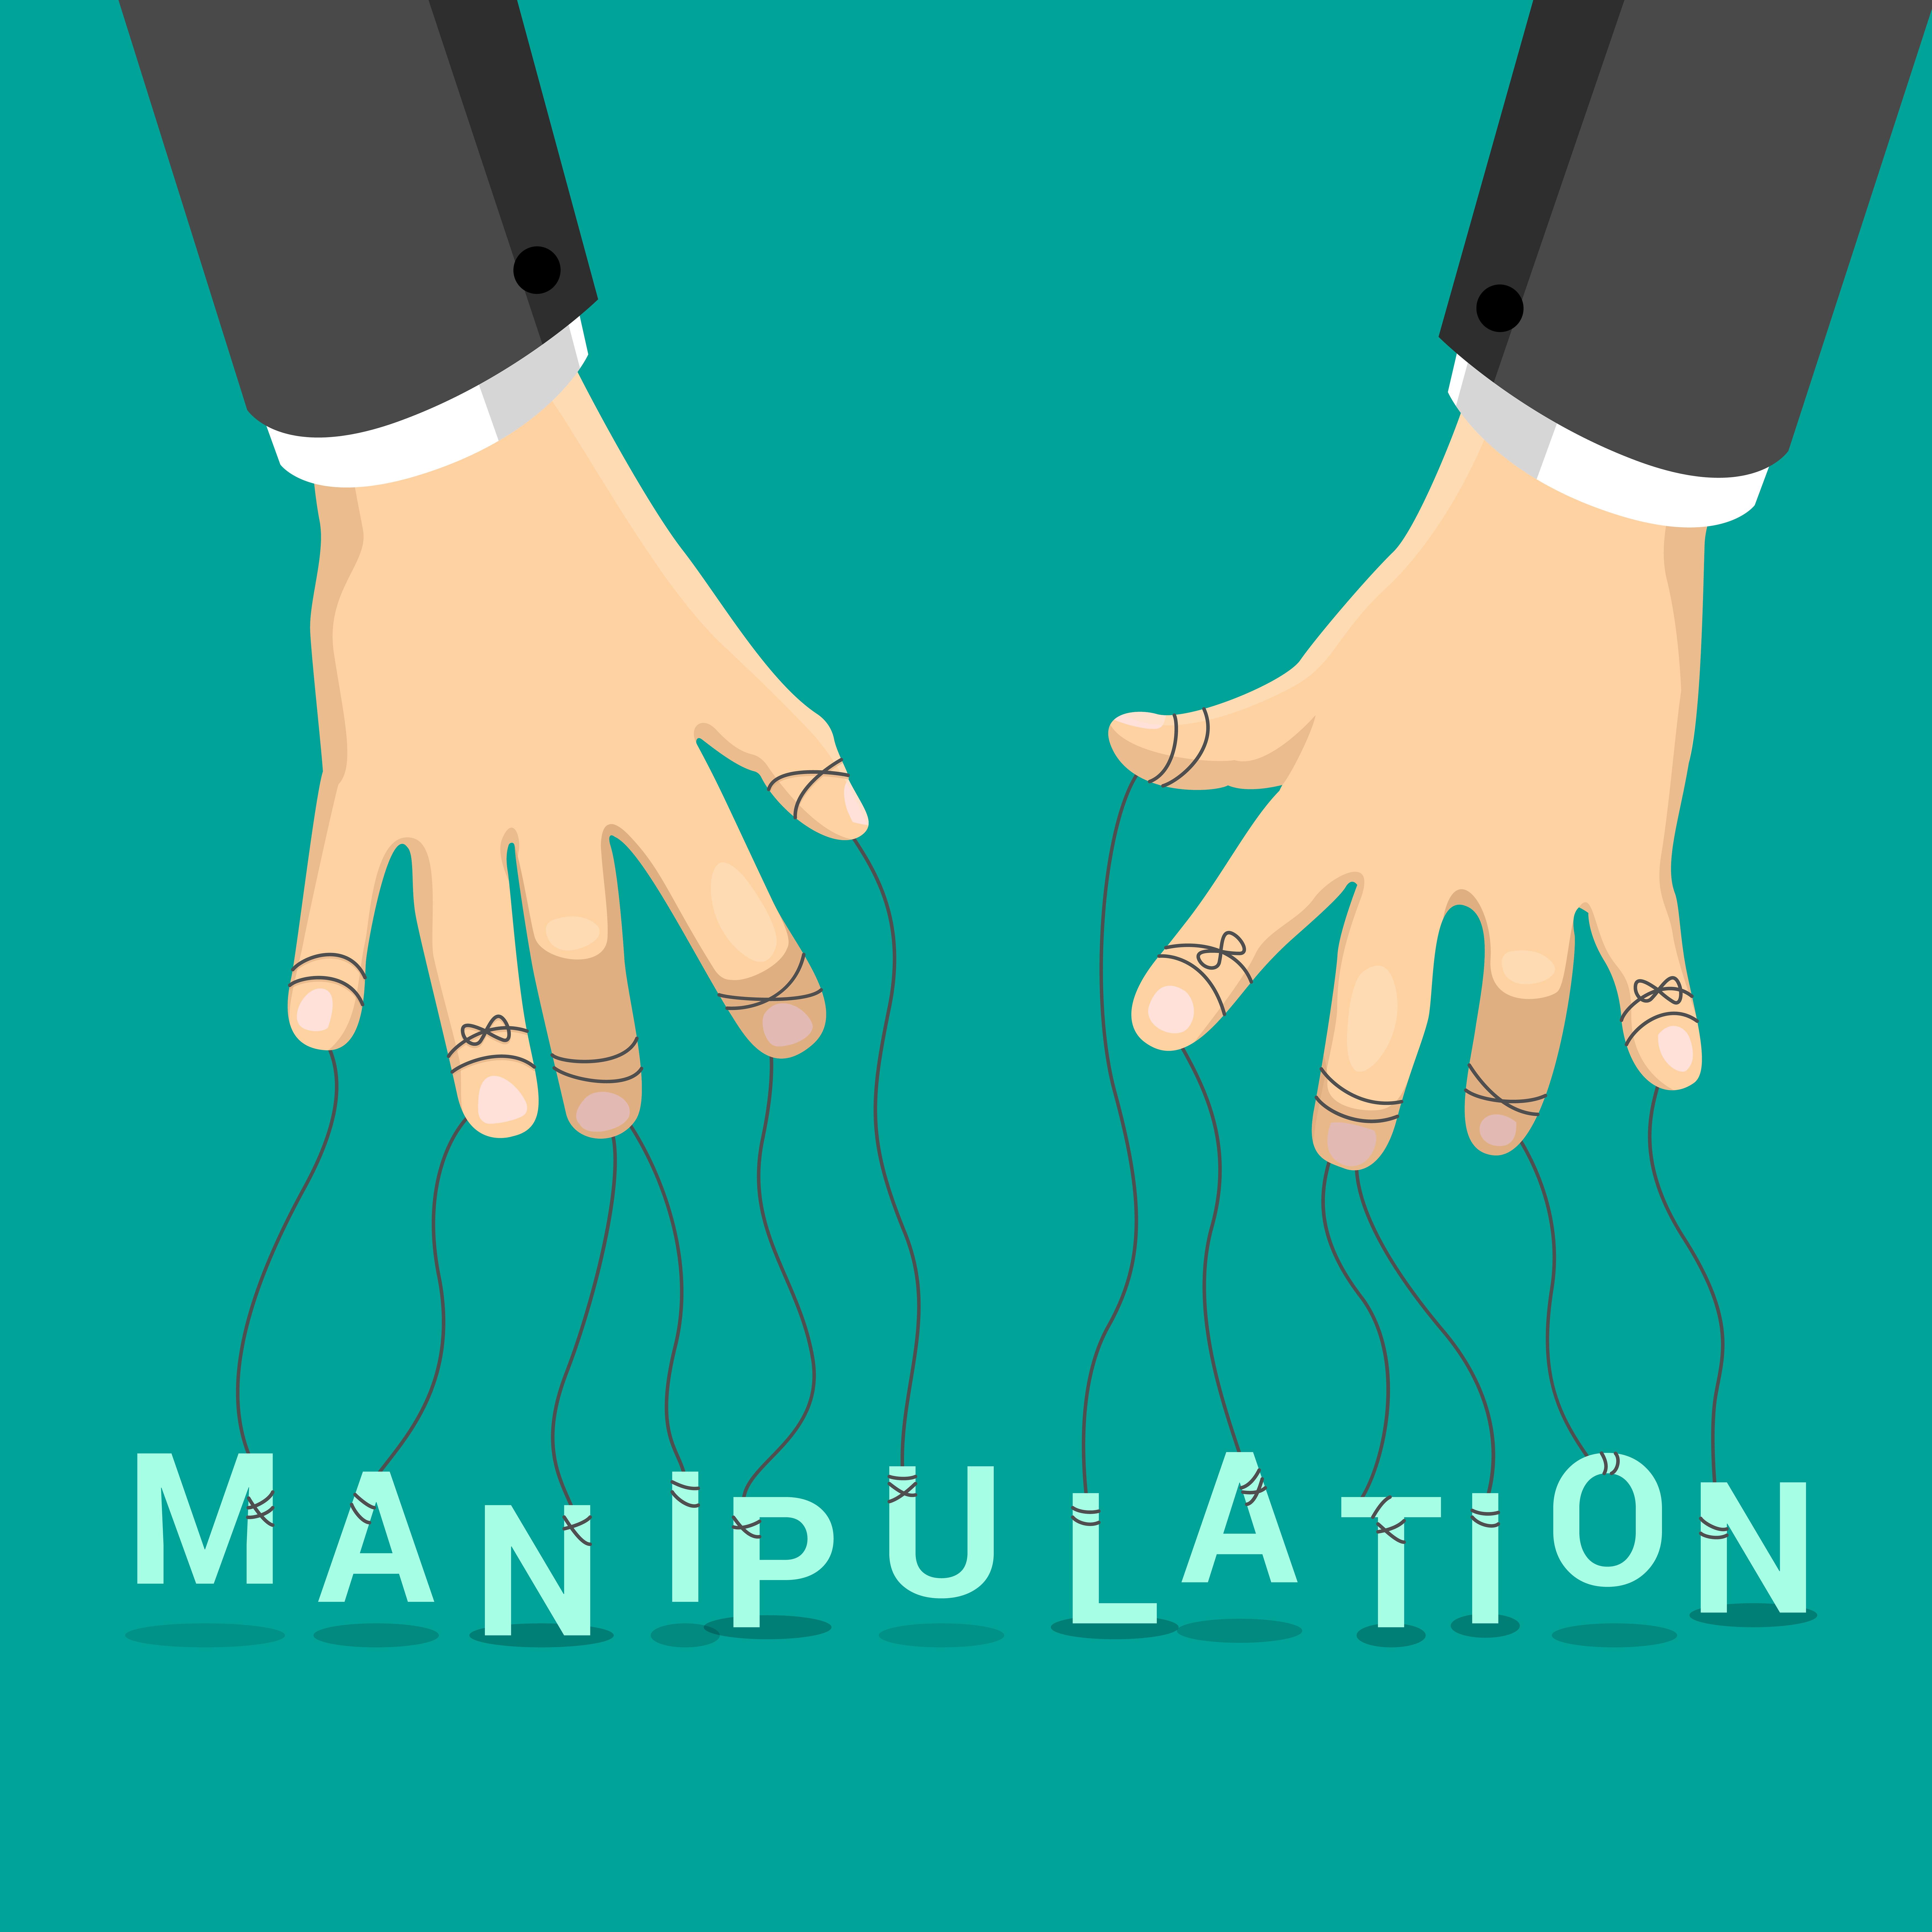 Avoiding member manipulation